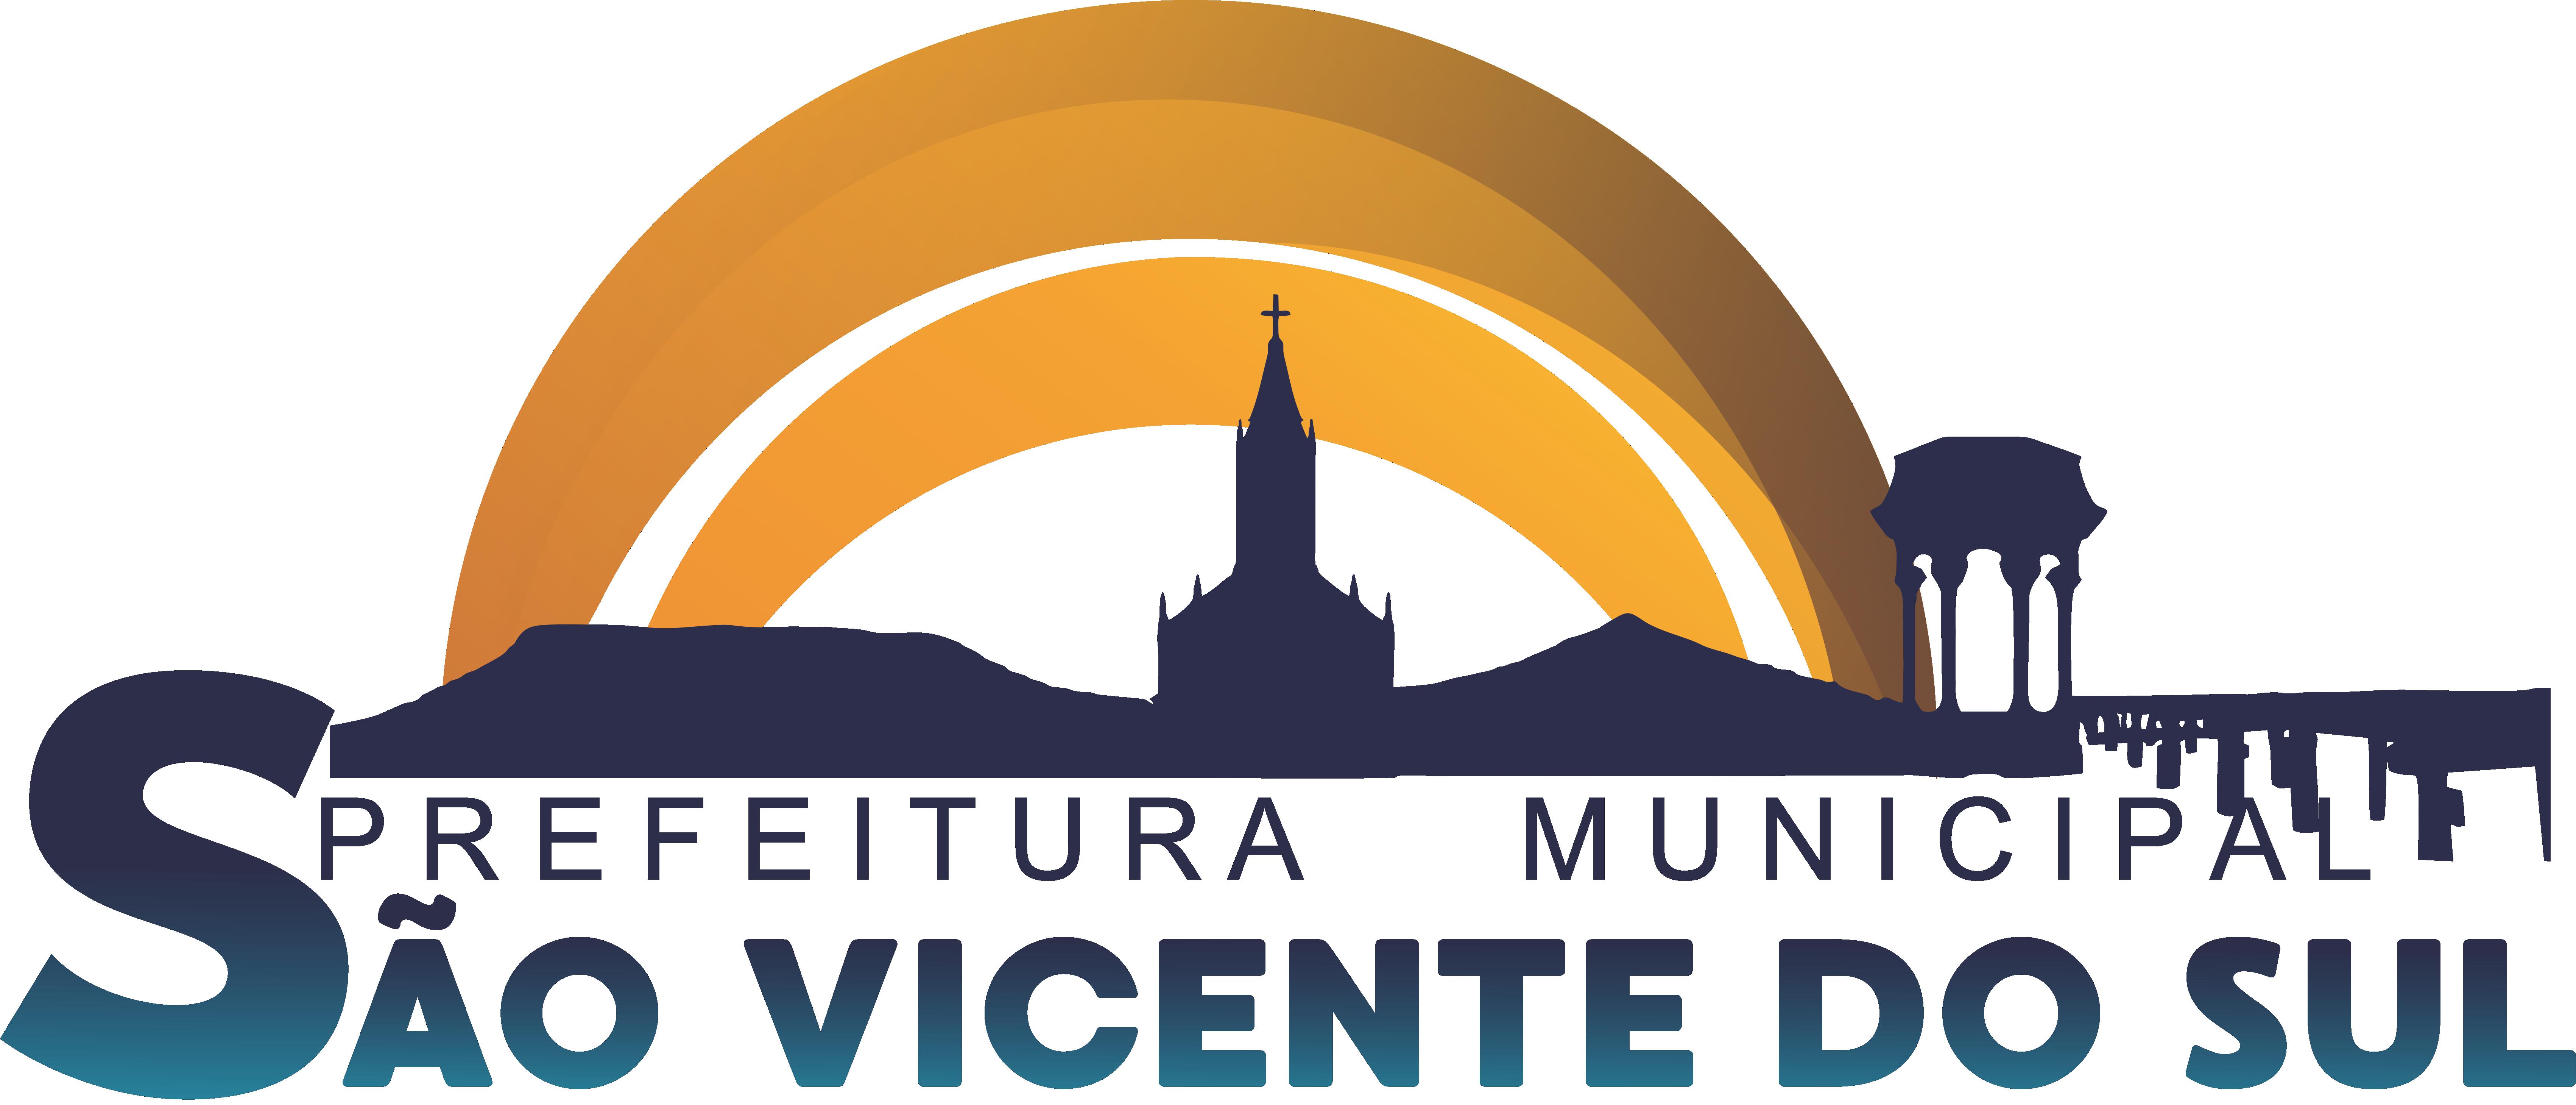 Prefeitura Municipal de São Vicente do Sul